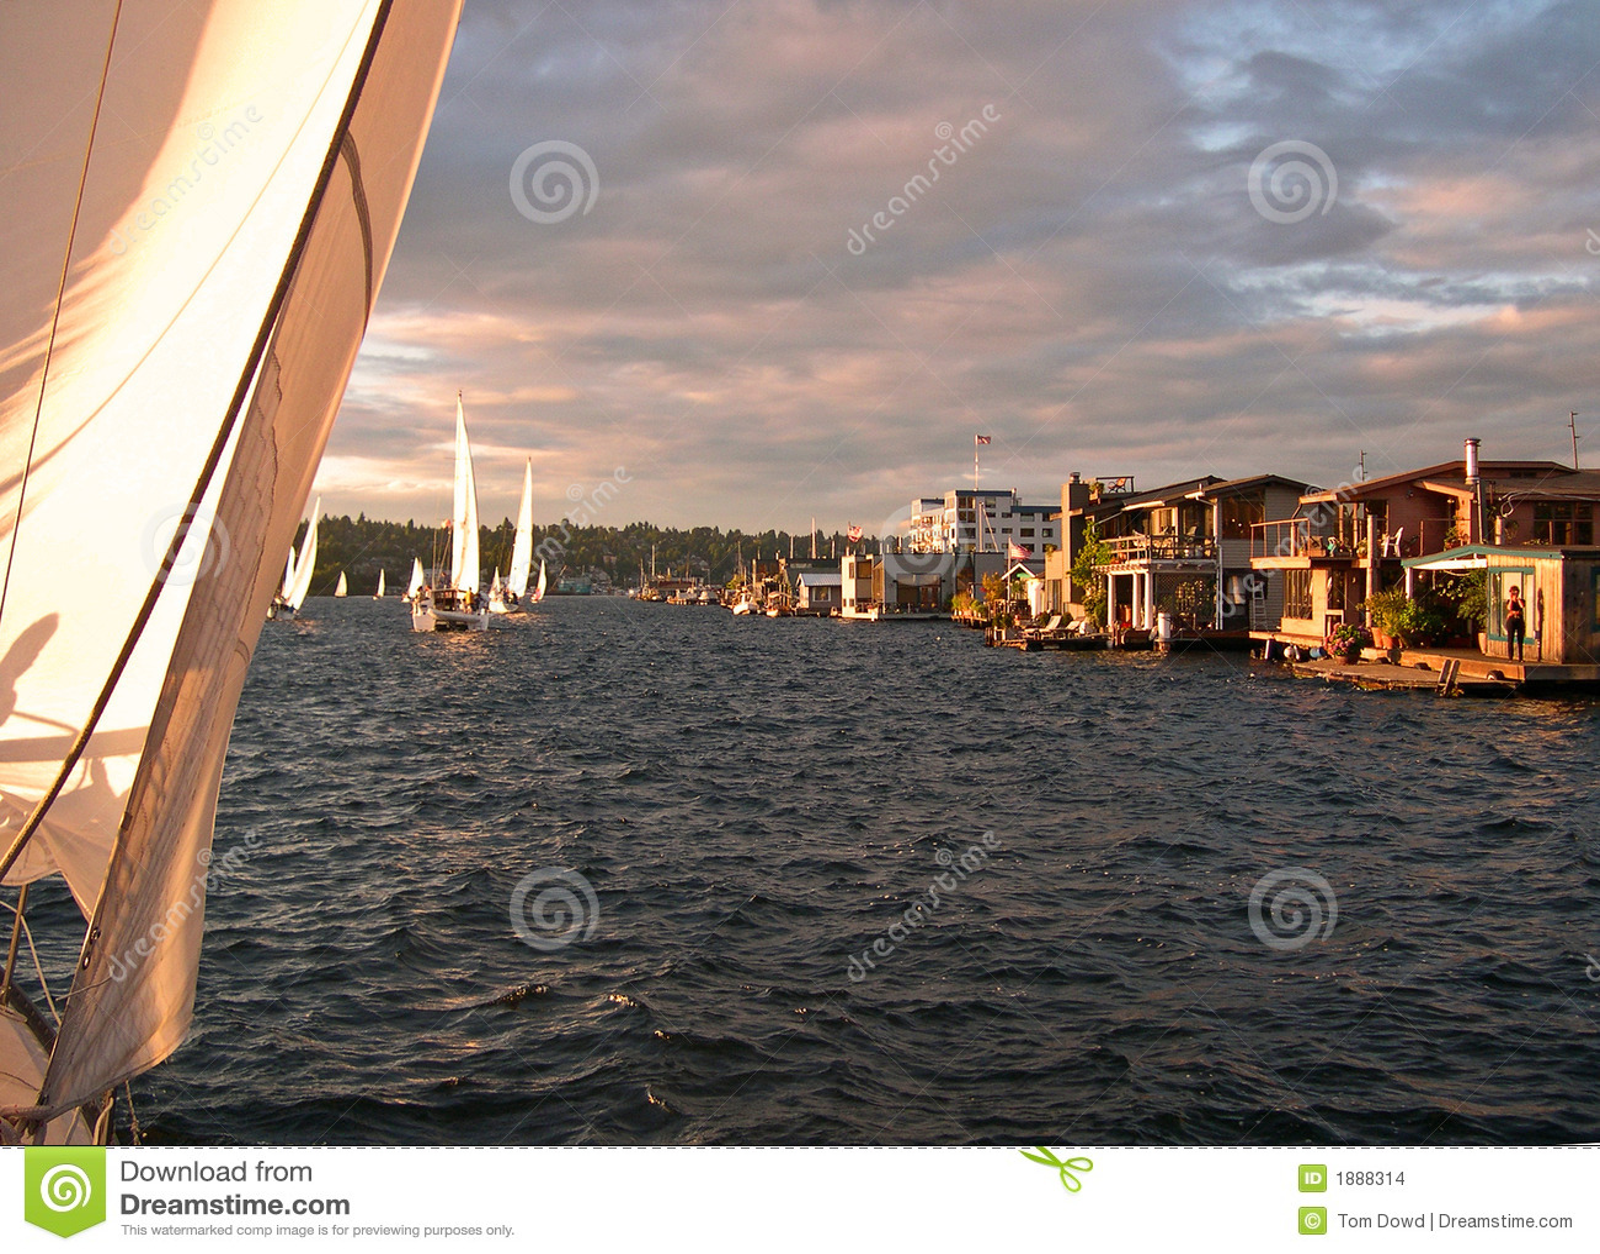 Lake Union House Boats